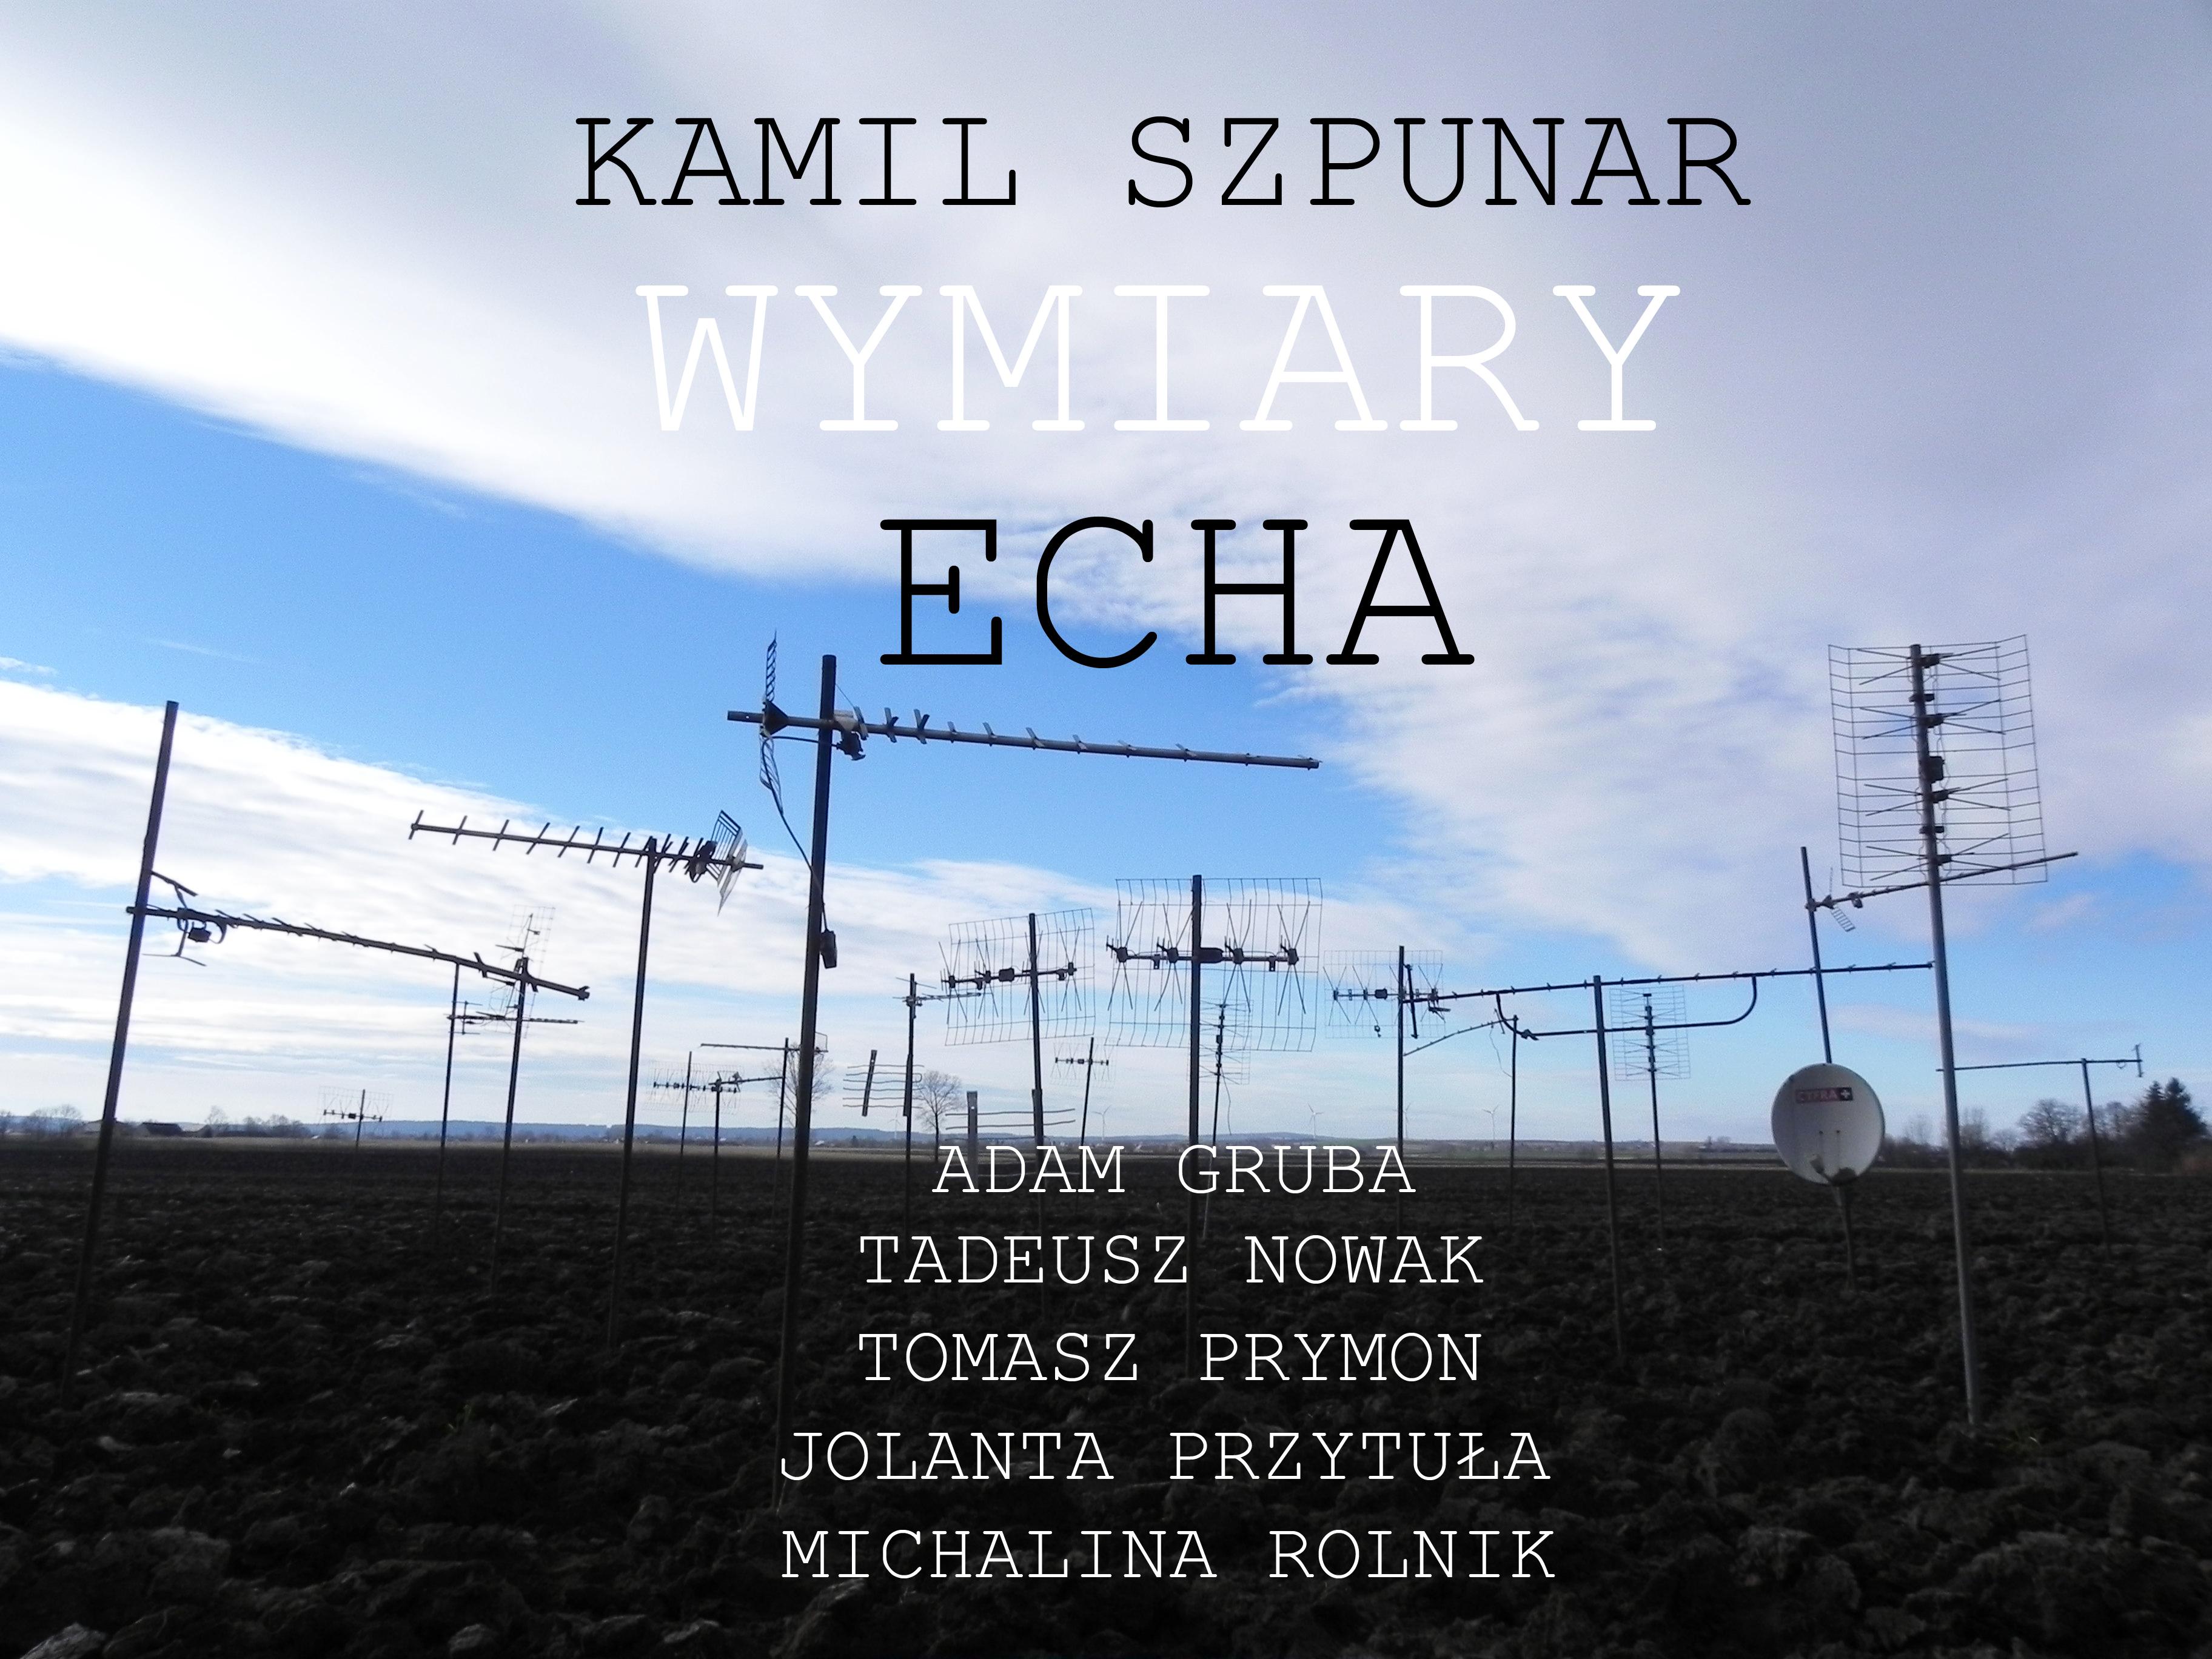 Wymiary Echa (źródło: materiały prasowa ArtAgenda Nova)